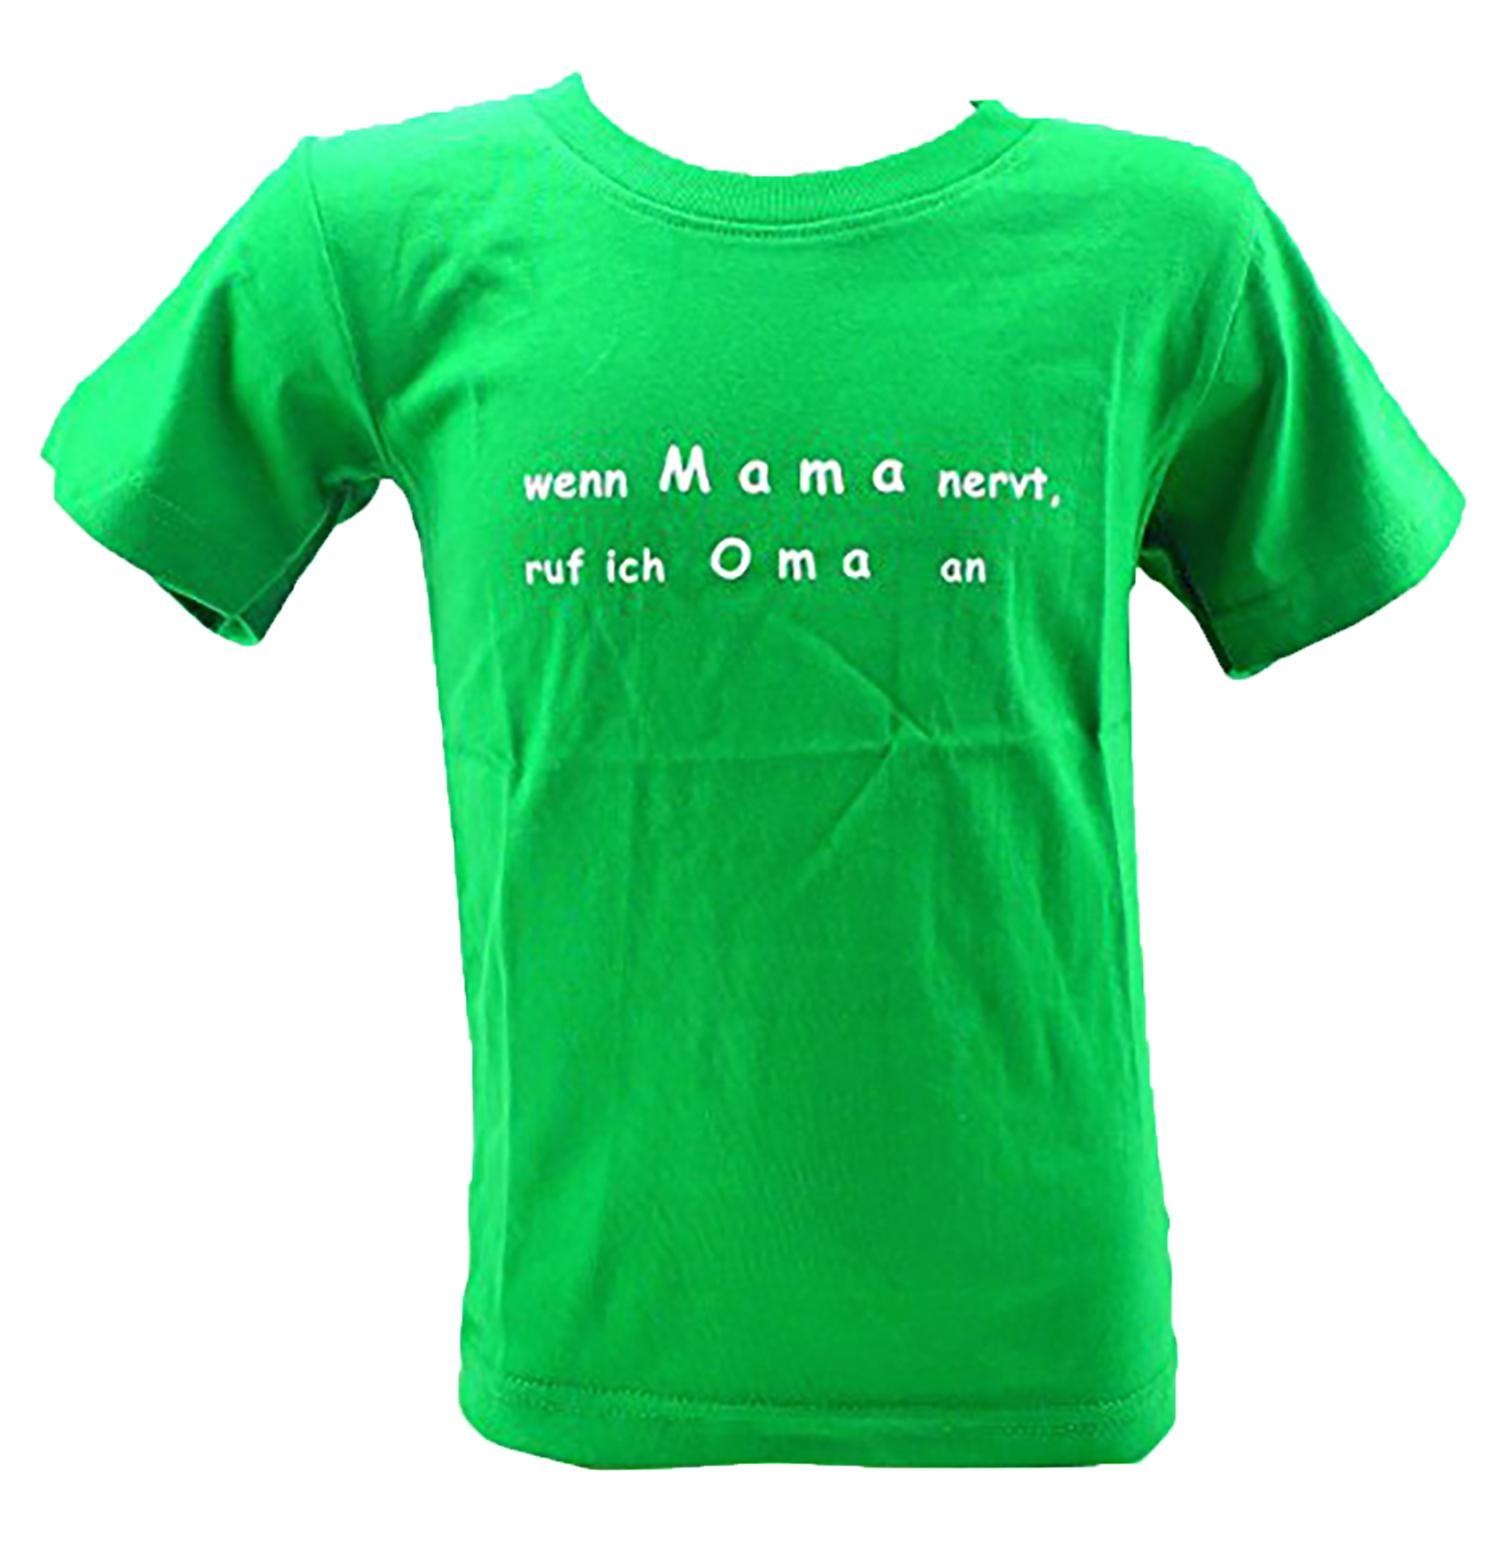 Full Size of T Shirt Mit Lustige Sprüche T Shirt Witzige Sprüche Baby T Shirt Lustige Sprüche Lustige T Shirt Sprüche Alkohol Küche T Shirt Lustige Sprüche